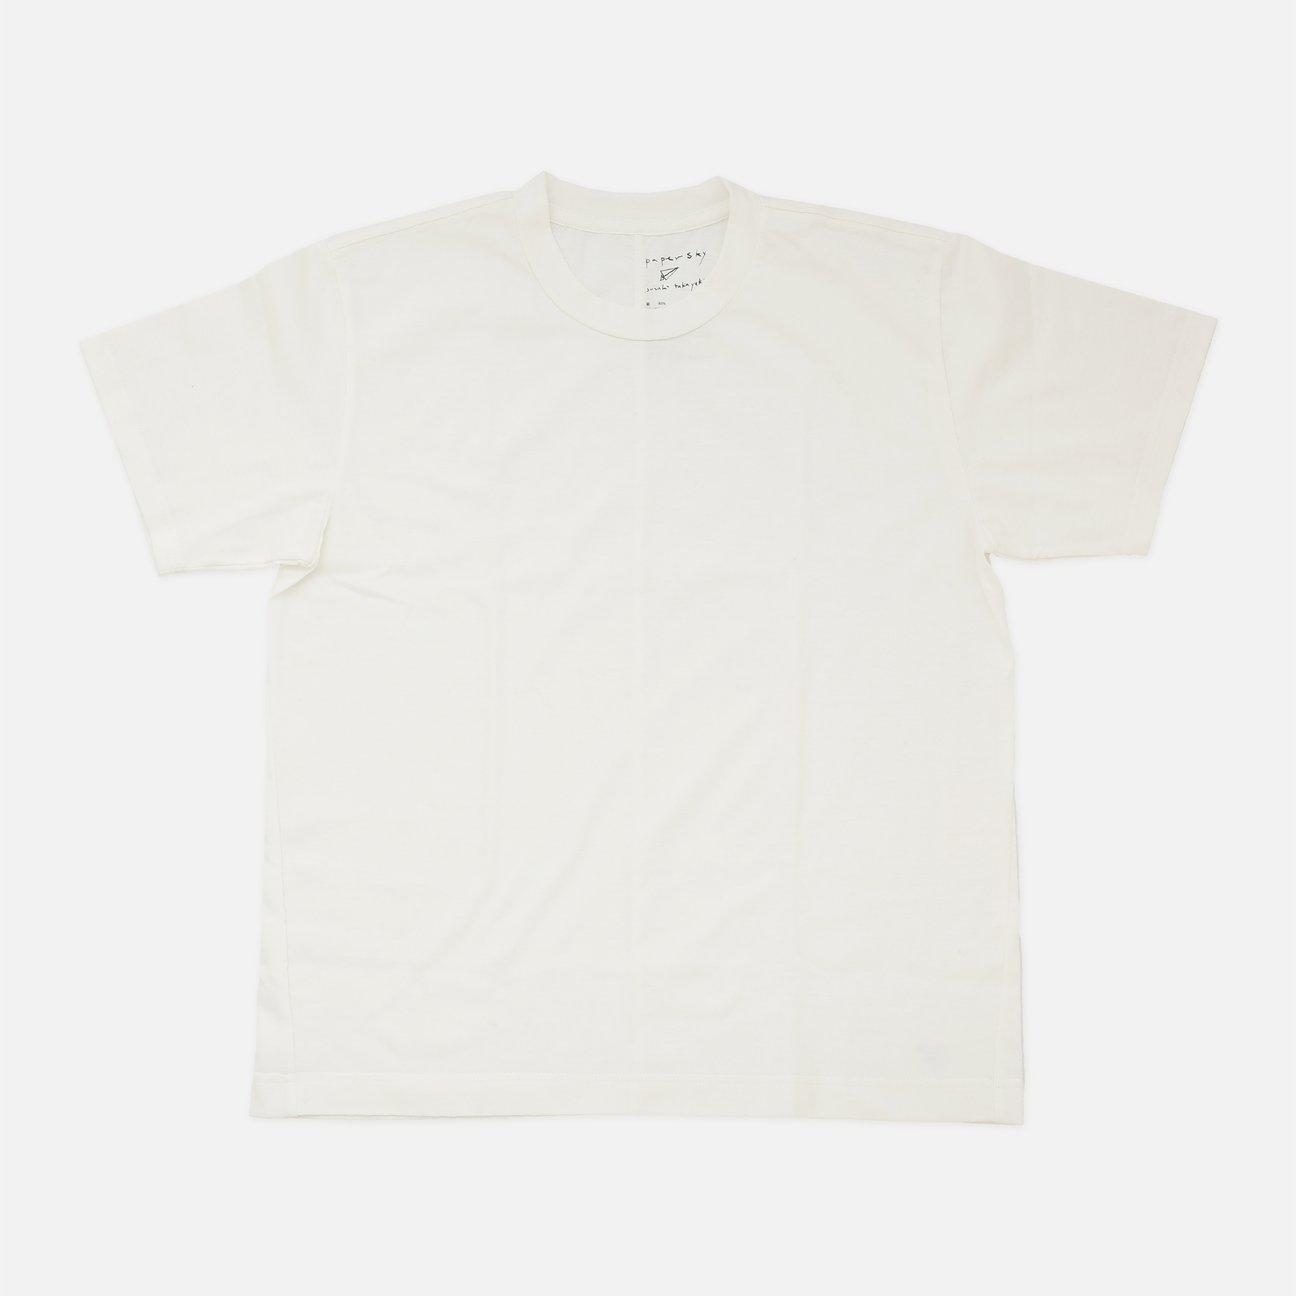 T-shirt suzuki takayuki ホワイト